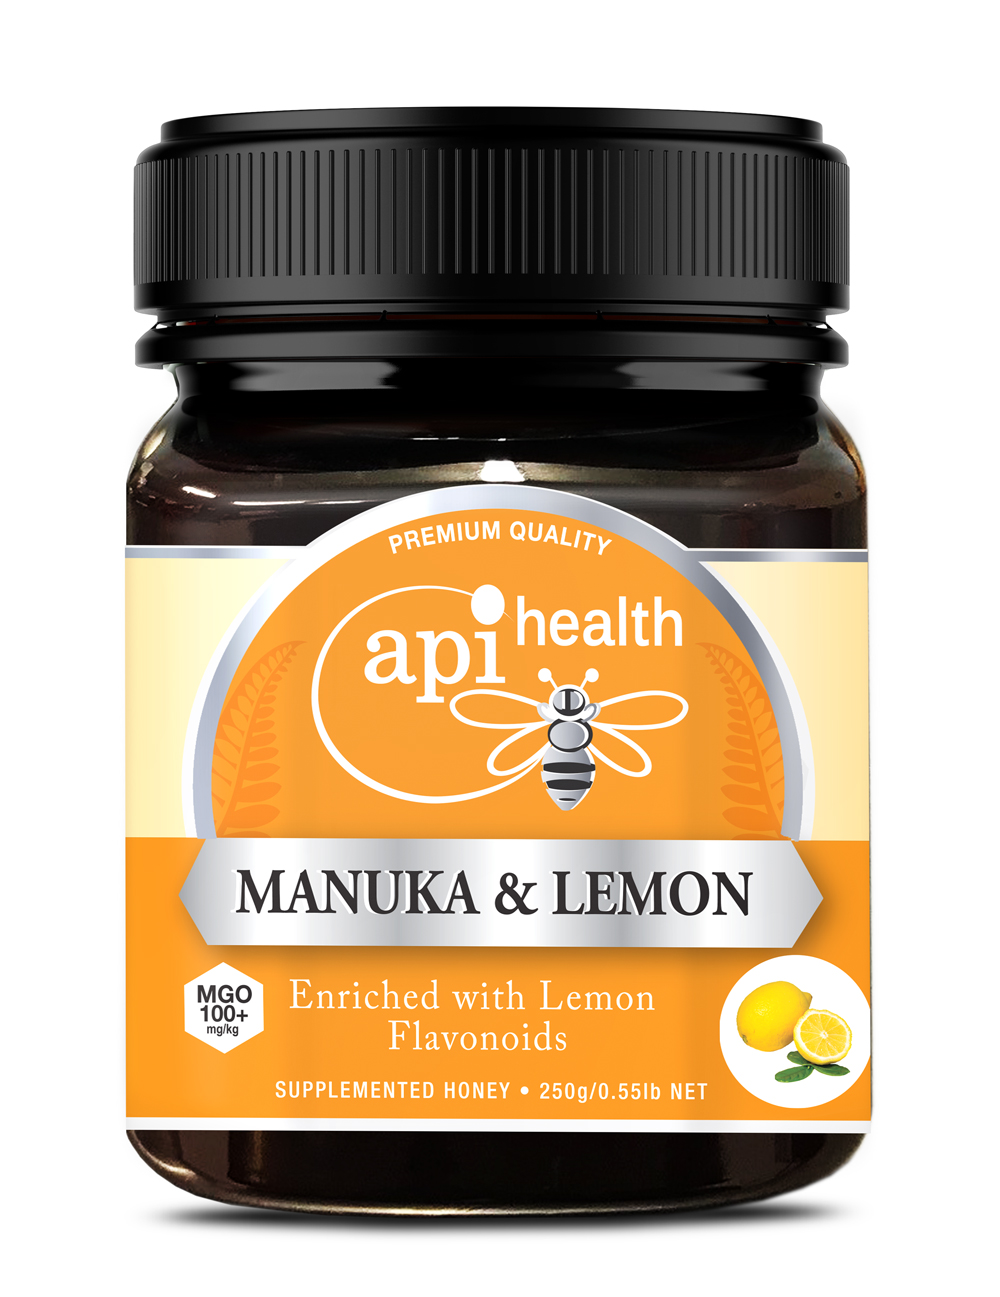 Manuka-&-Lemon